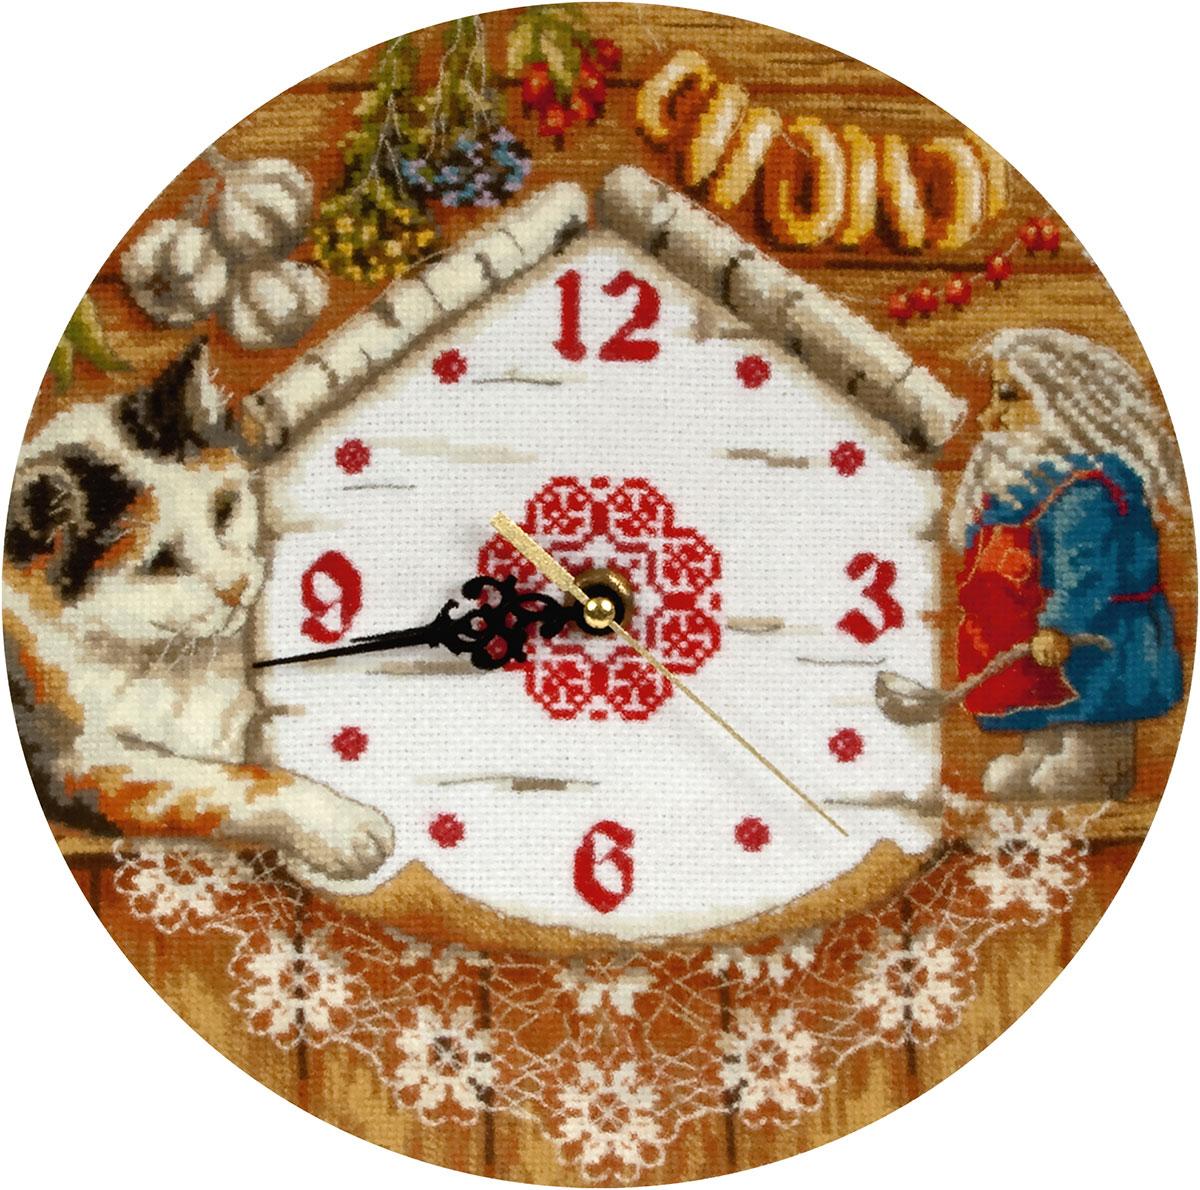 Часы. Домовенок Поварешкин